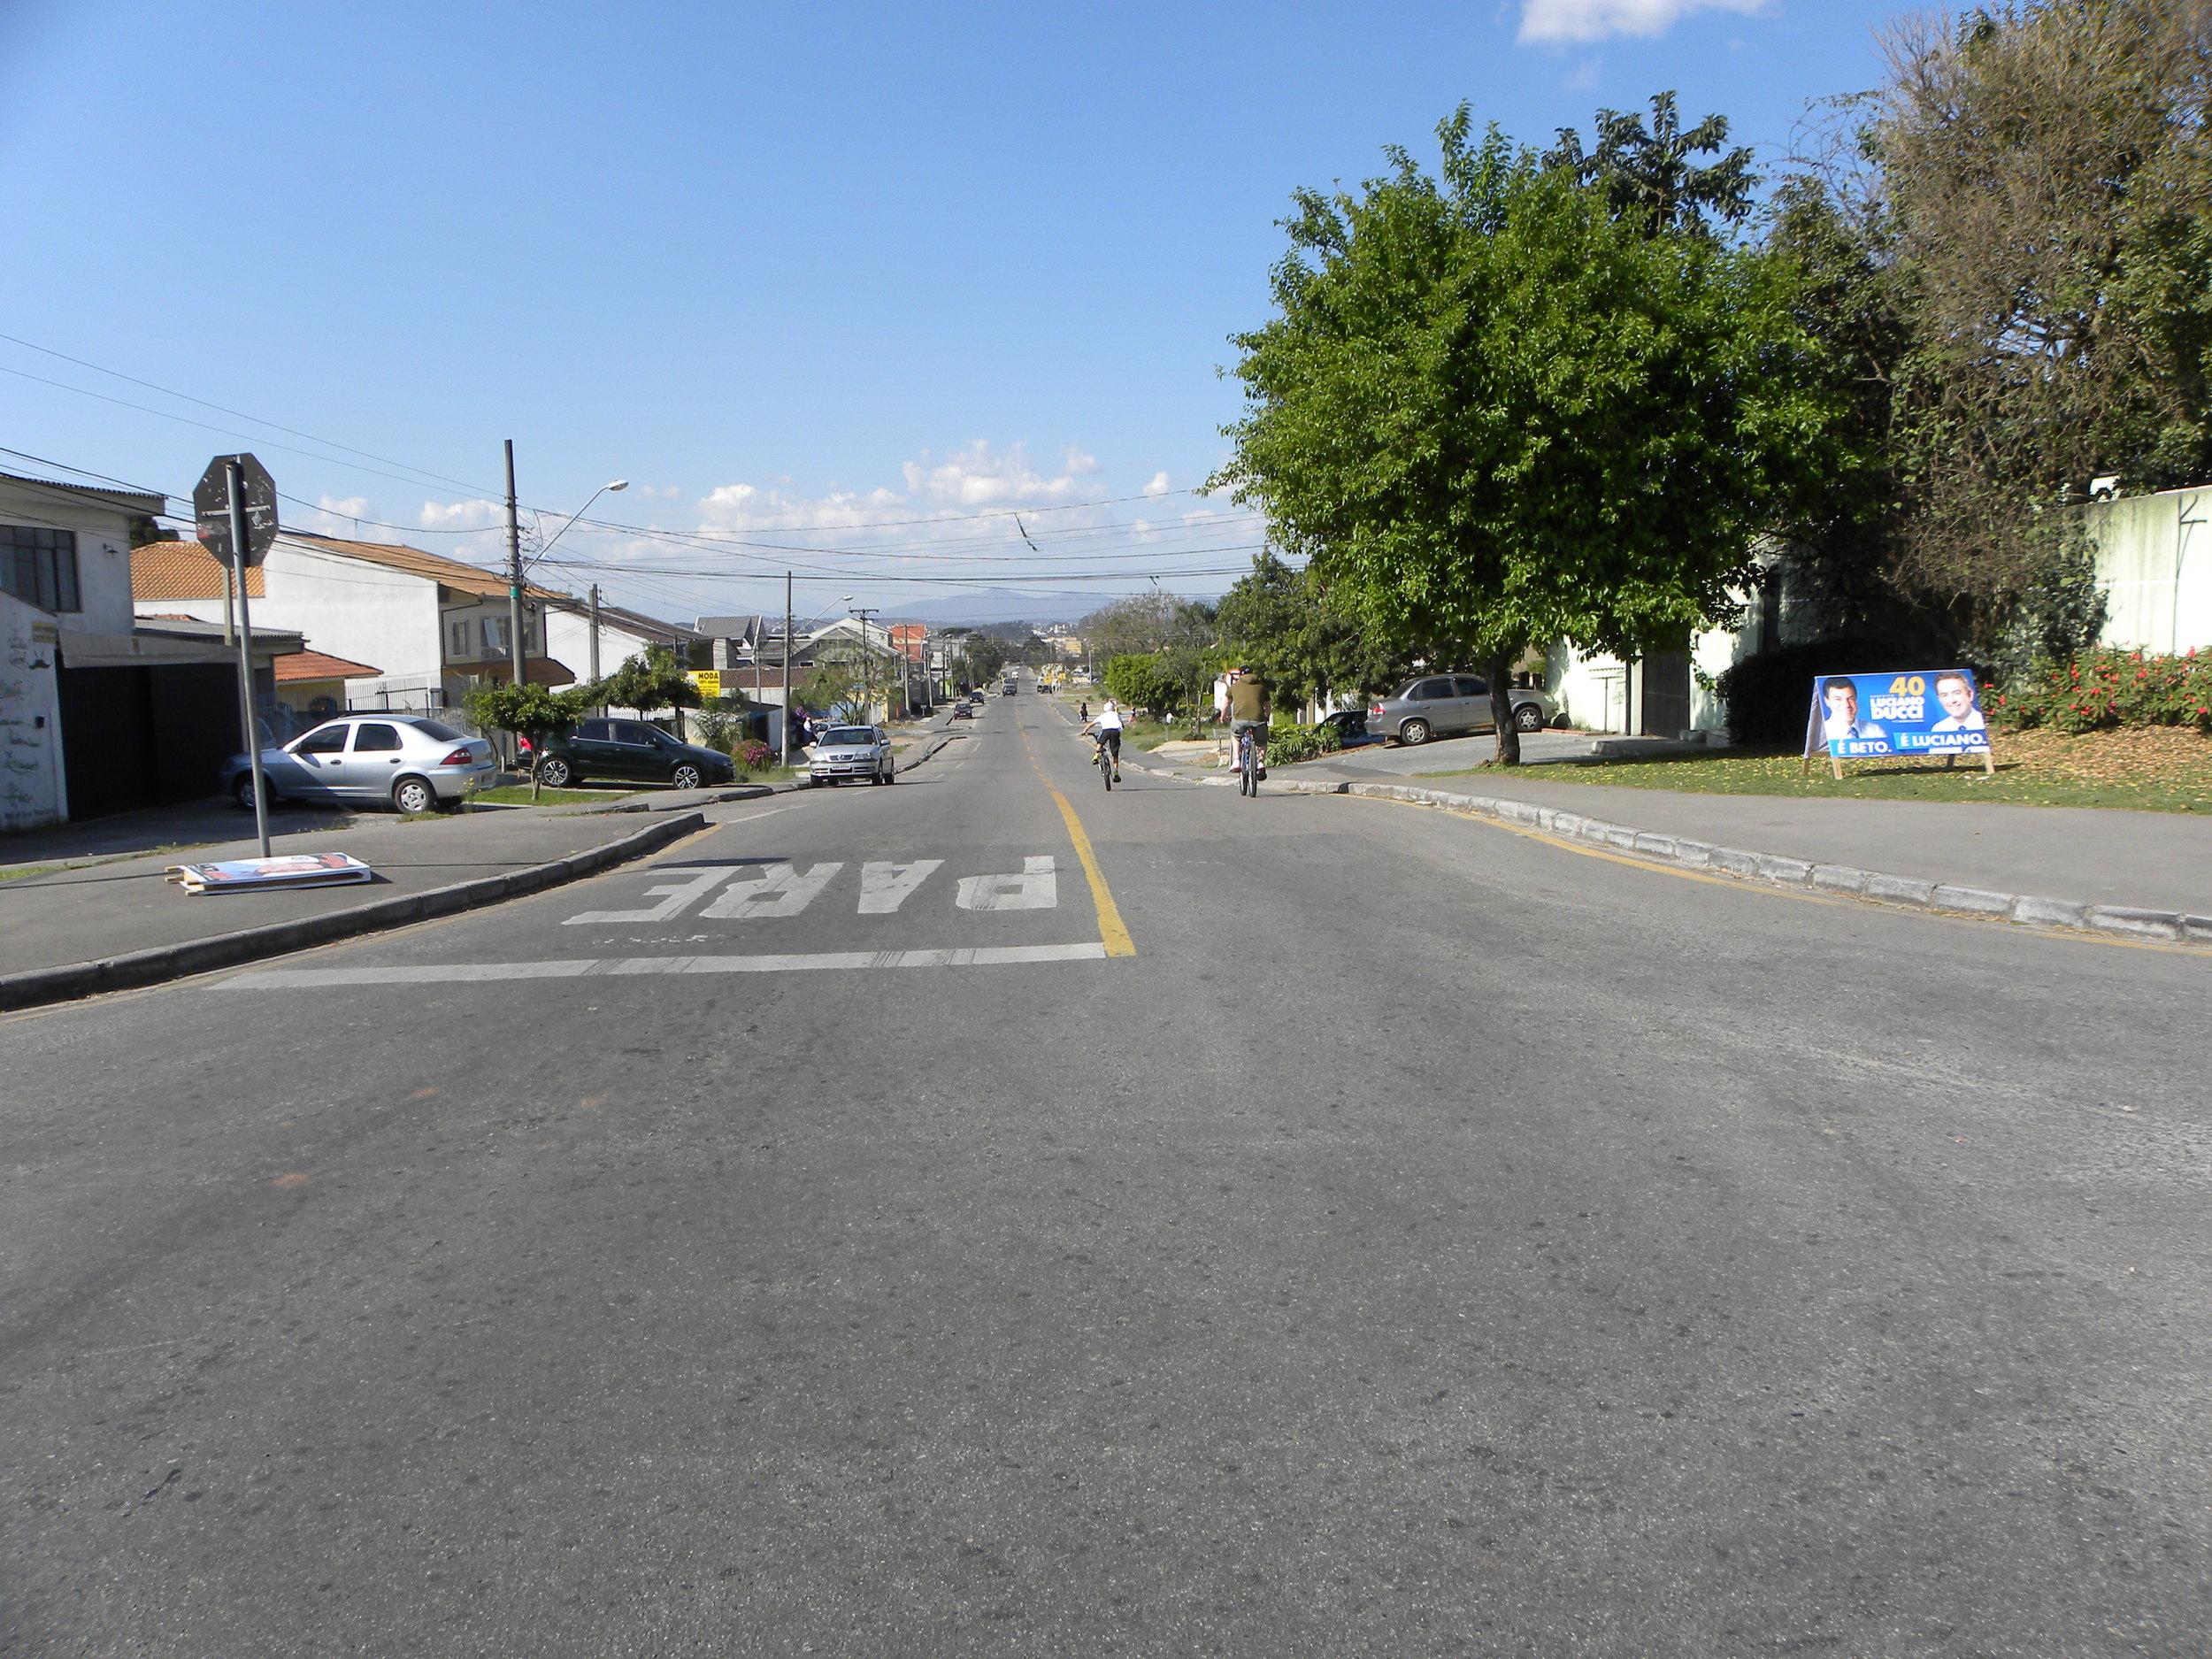 Recapagem na Av. Florianópolis entre a Rua Luiz França até a Rua Esper Jorge Chueri - 2008/2010